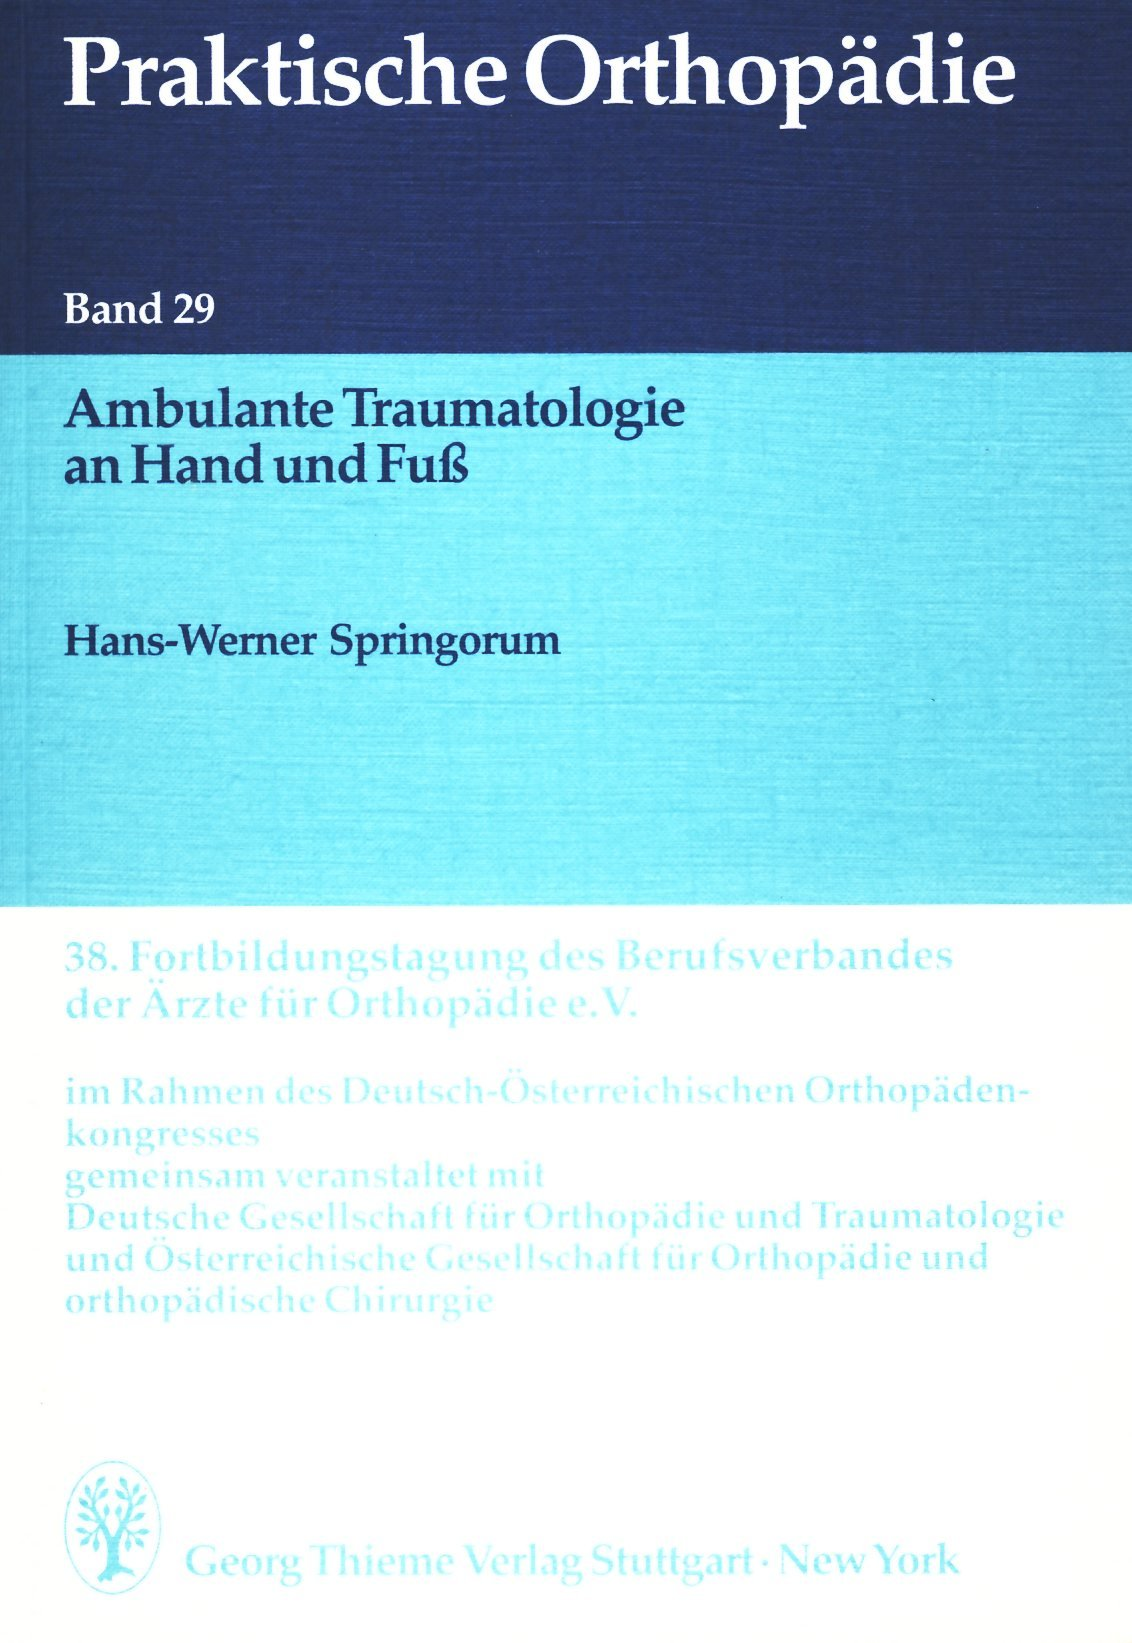 Praktische Orthopädie Bd.29 Ambulante Traumatologie an Hand und Fuß